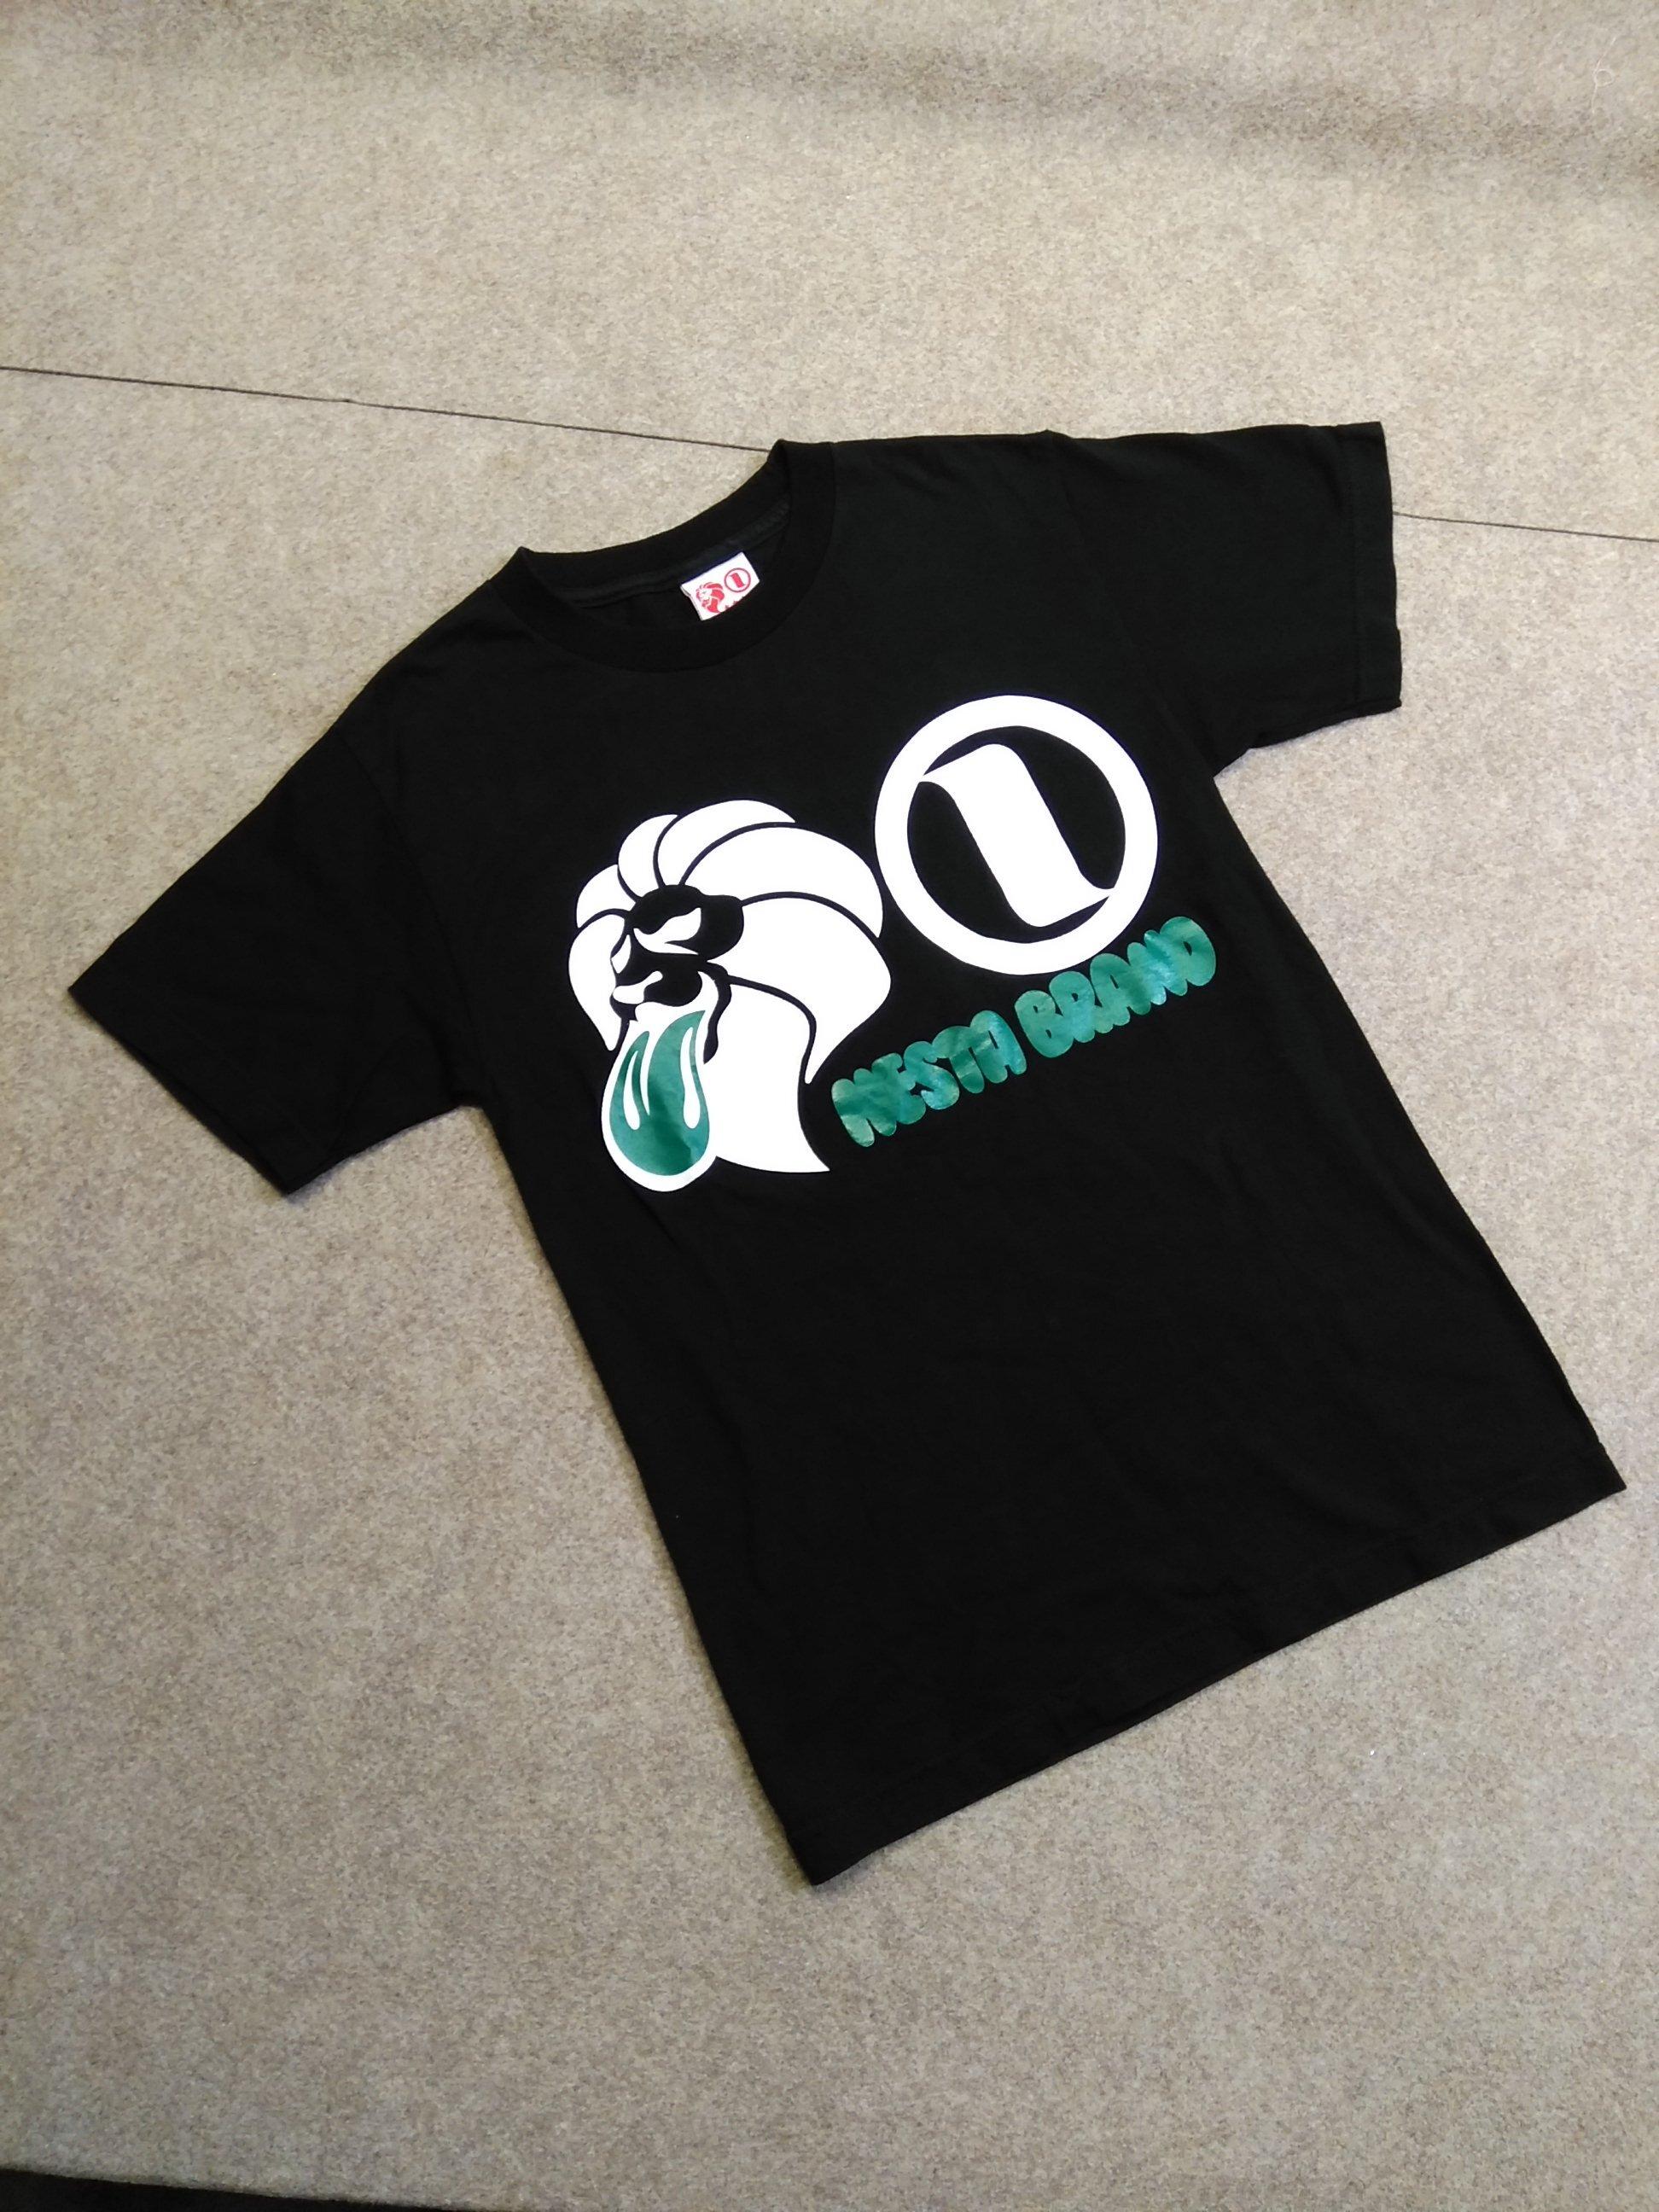 ネスタ NESTA Tシャツ 黒 S mh816e